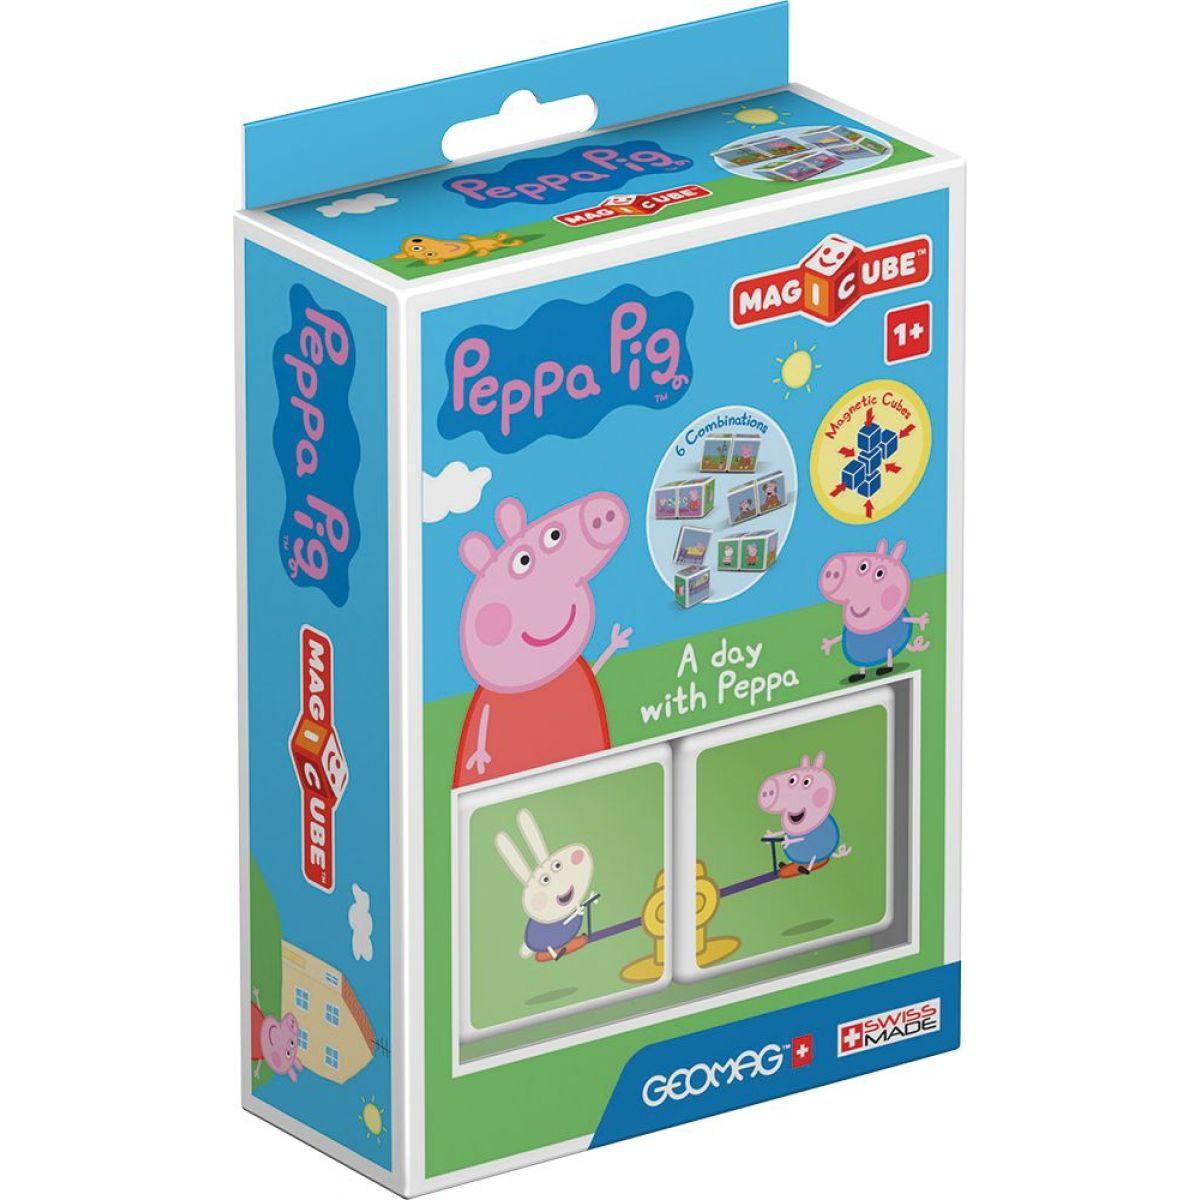 Geomag Magicube Peppa Pig A day Peppa